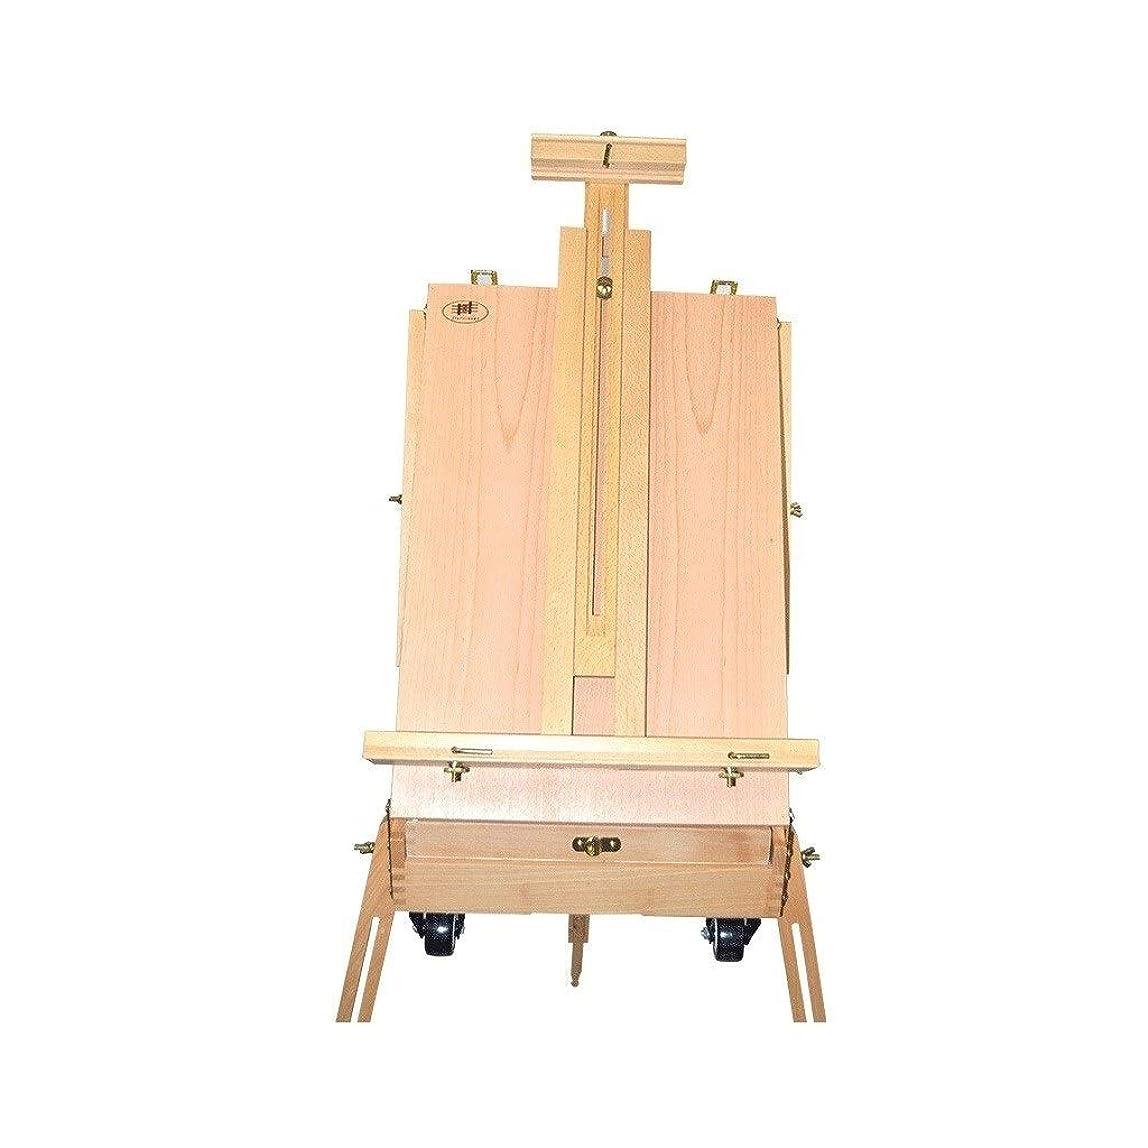 こんにちは管理する不安定画板 イーゼル2輪折りたたみボックススケッチ折りたたみ油絵エルム油絵スタンドストラップツールボックスロッド輸入 イーゼル 木製